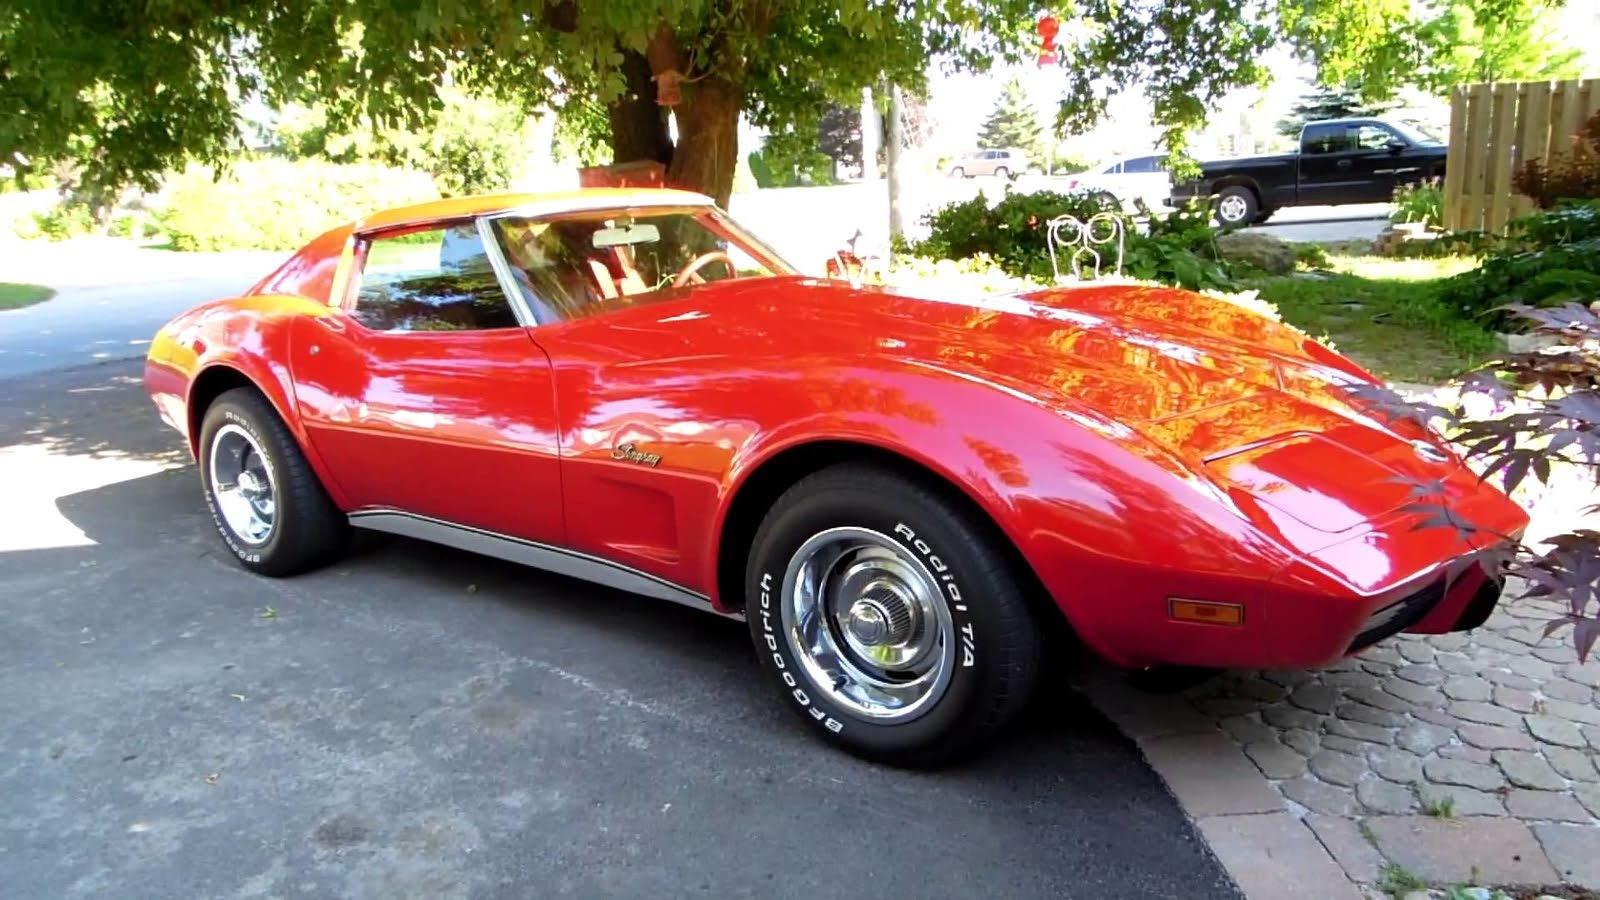 Kelebihan Kekurangan Corvette 1976 Harga